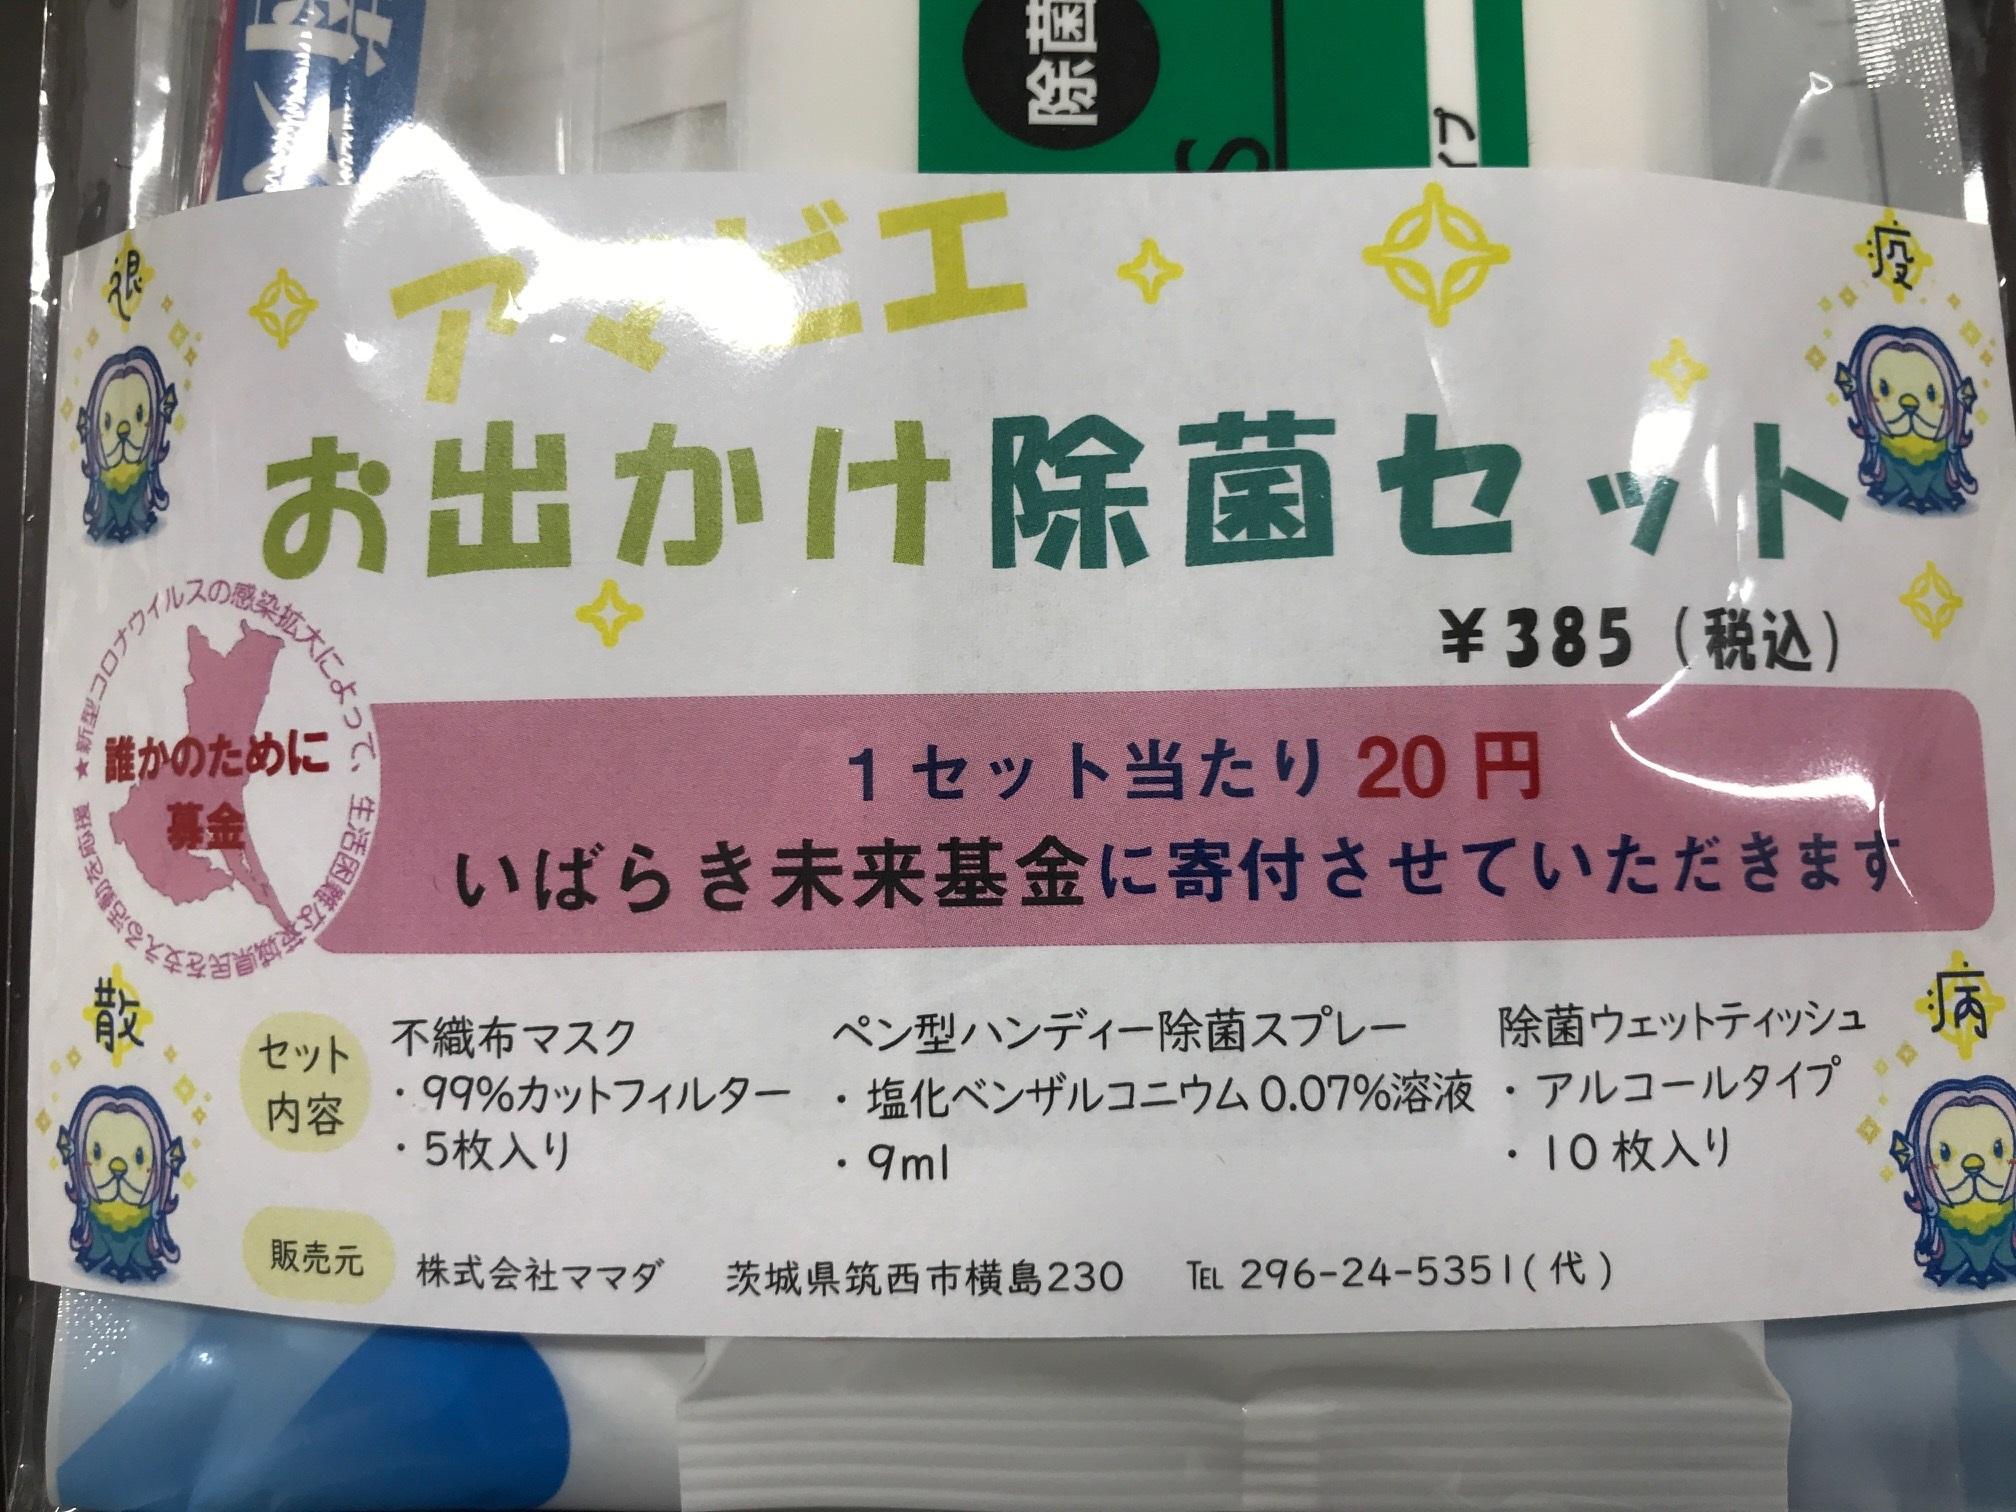 アマビエお出かけ除菌セット.jpg